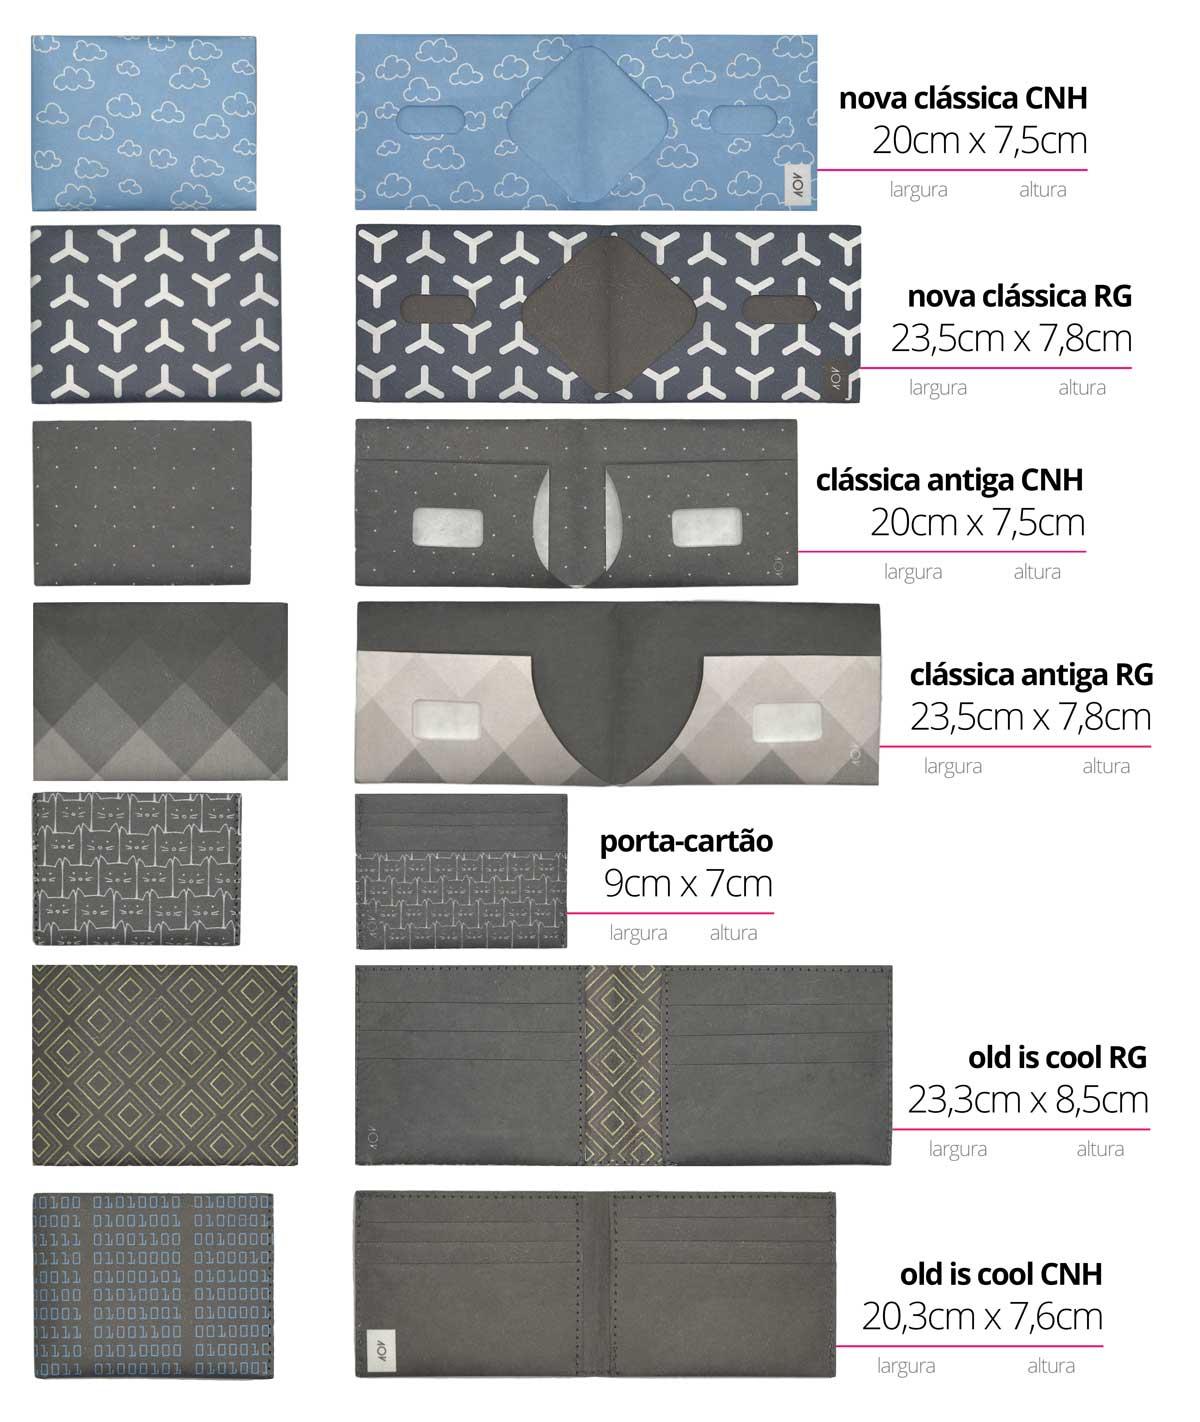 comparativo de carteiras dobra - tamanhos e modelos